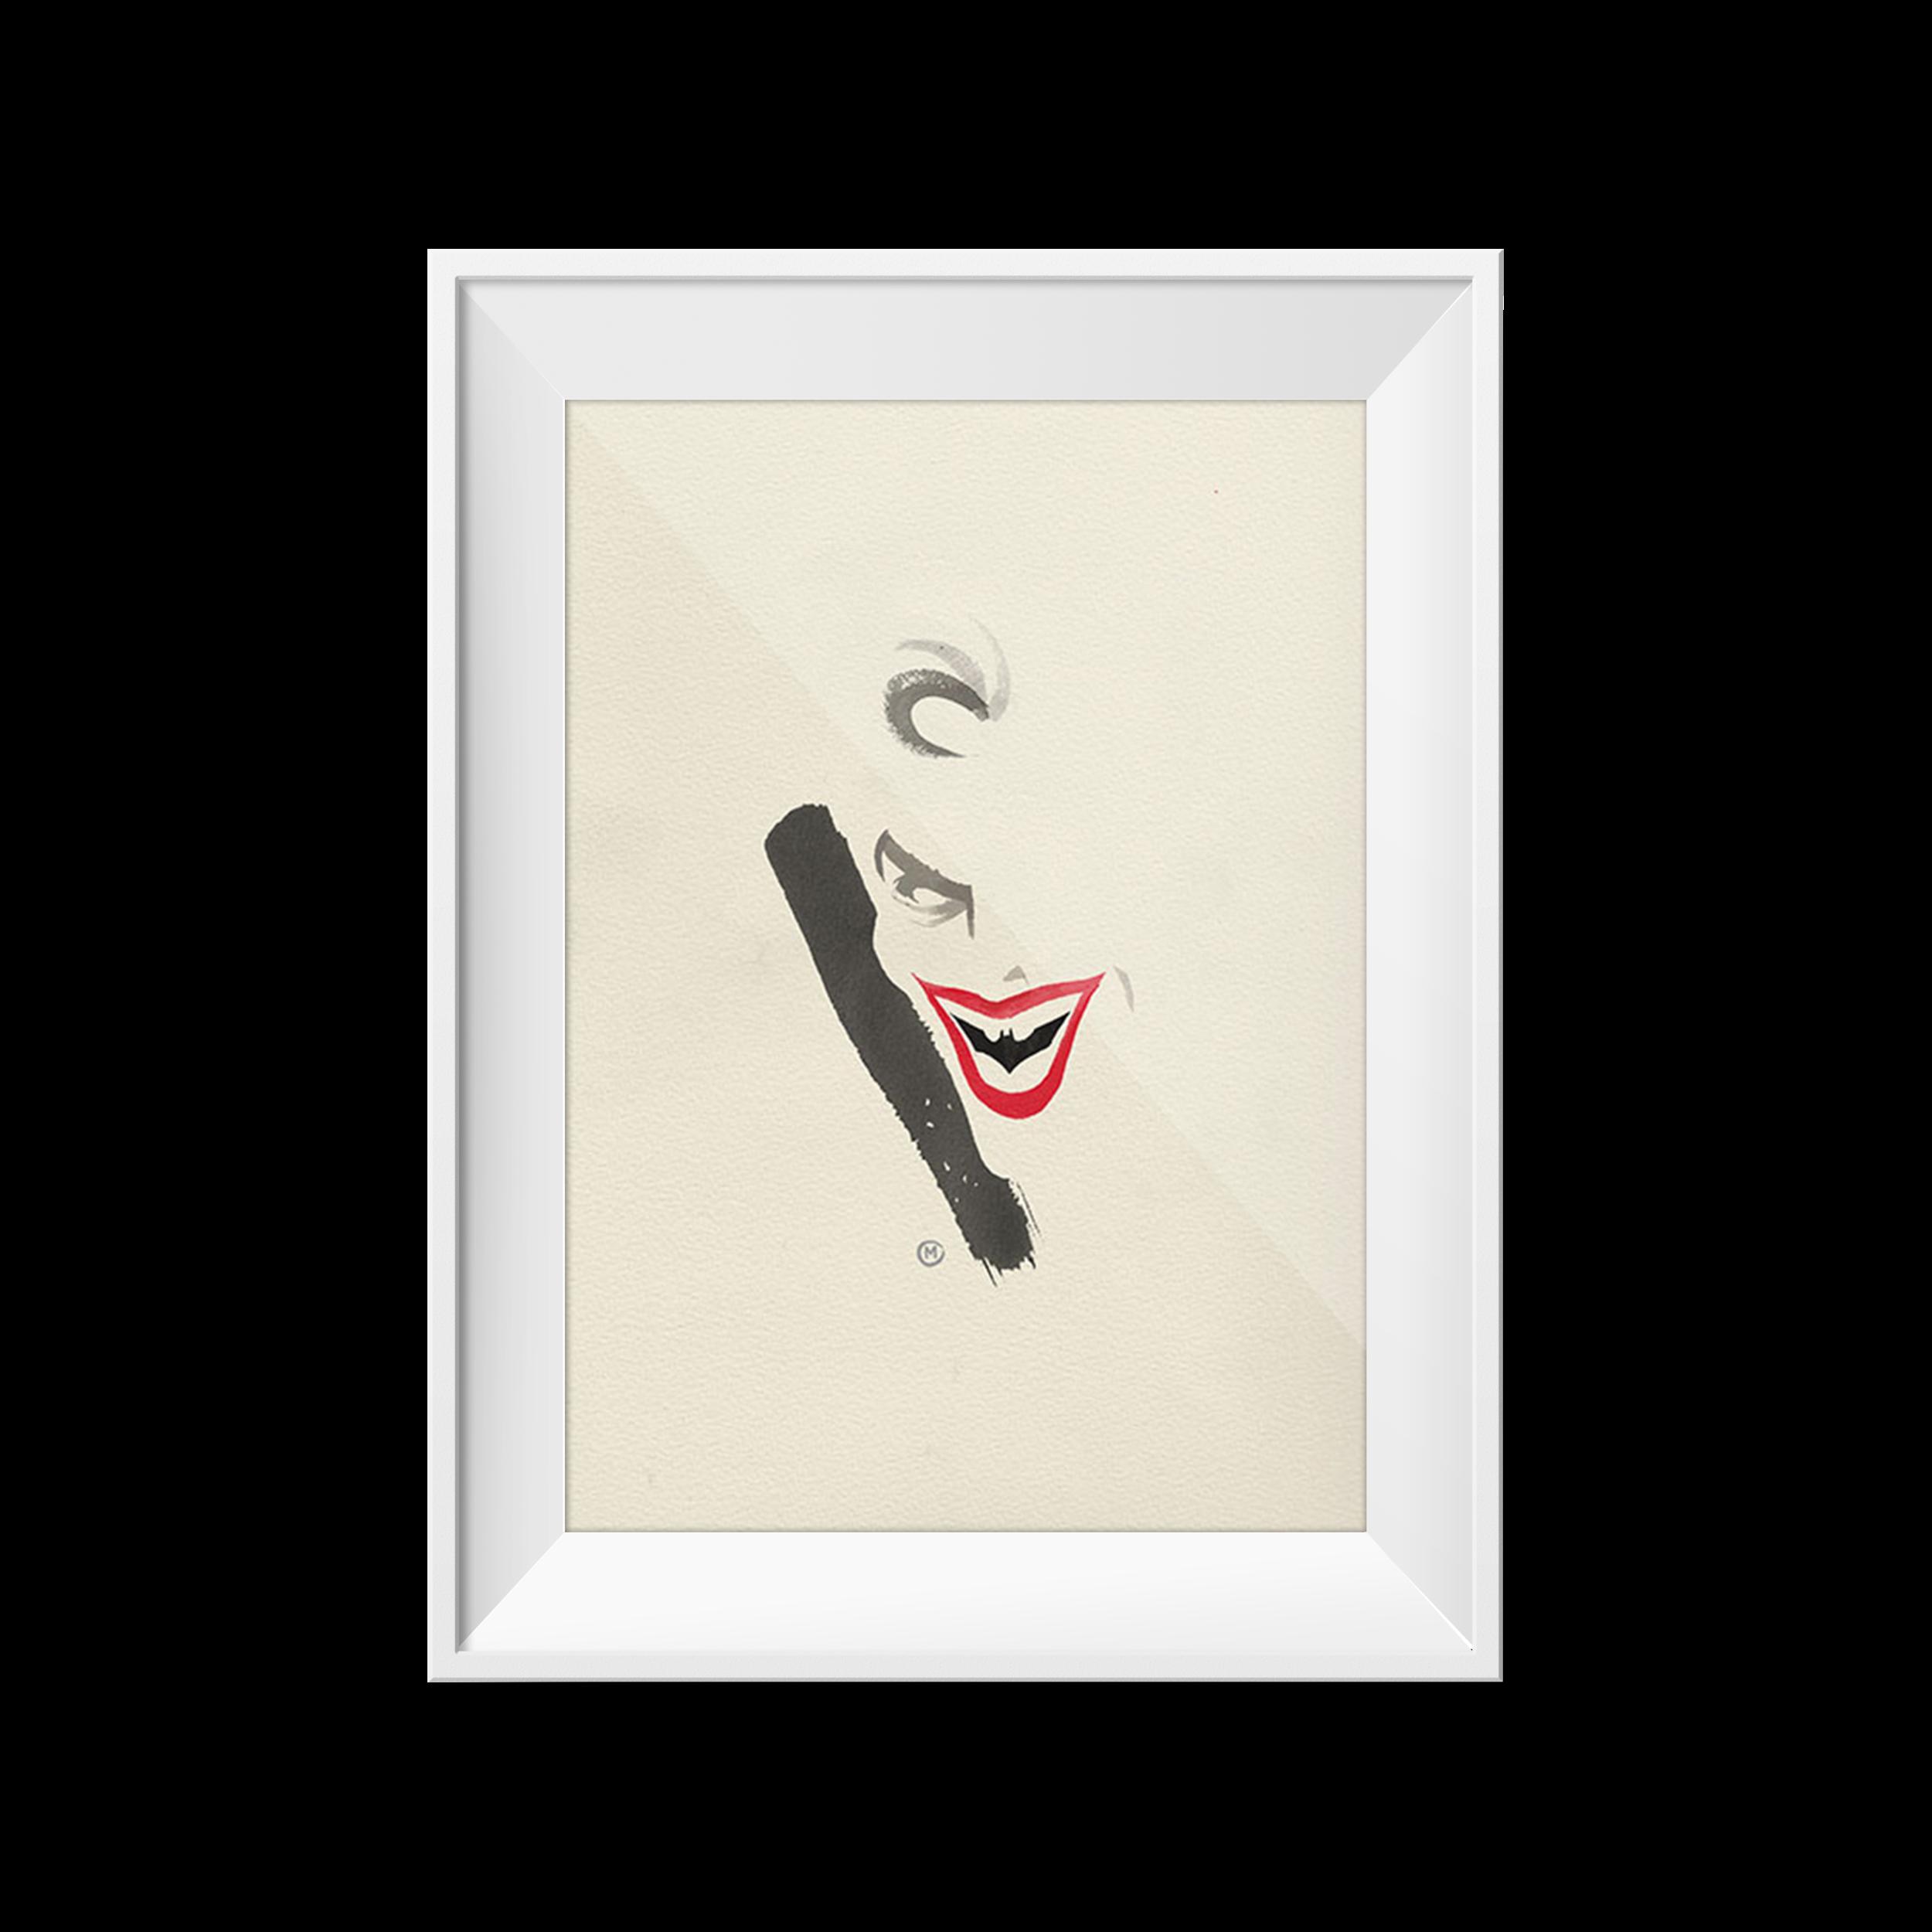 Joker | Olly Moss | 8 x 10